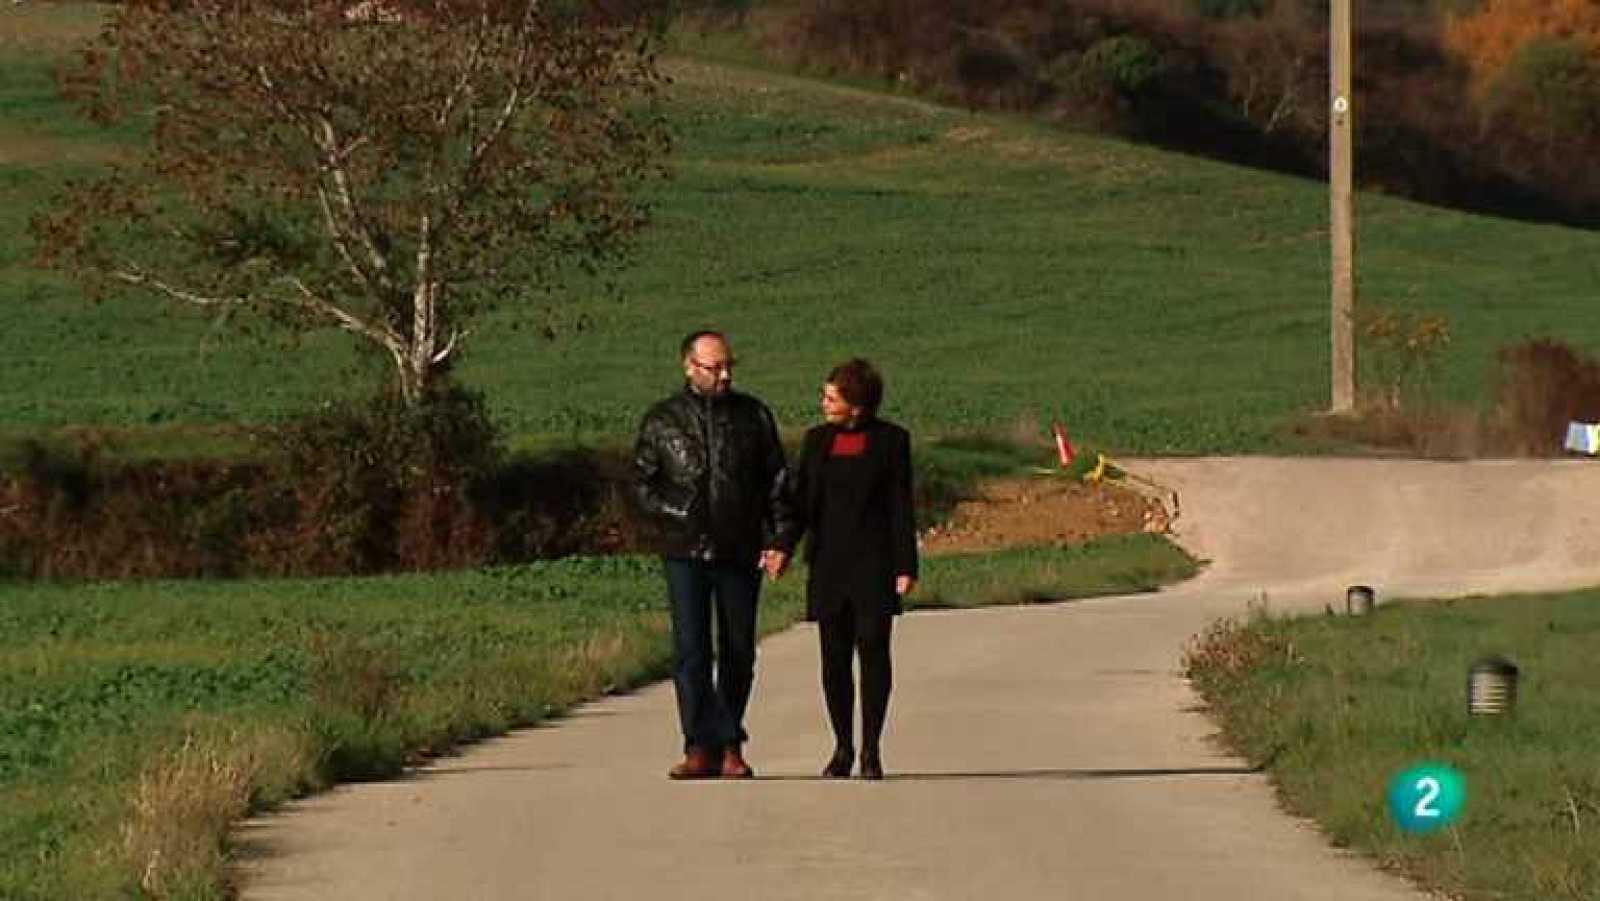 Buenas noticias TV - Vida nueva en Navarra - ver ahora